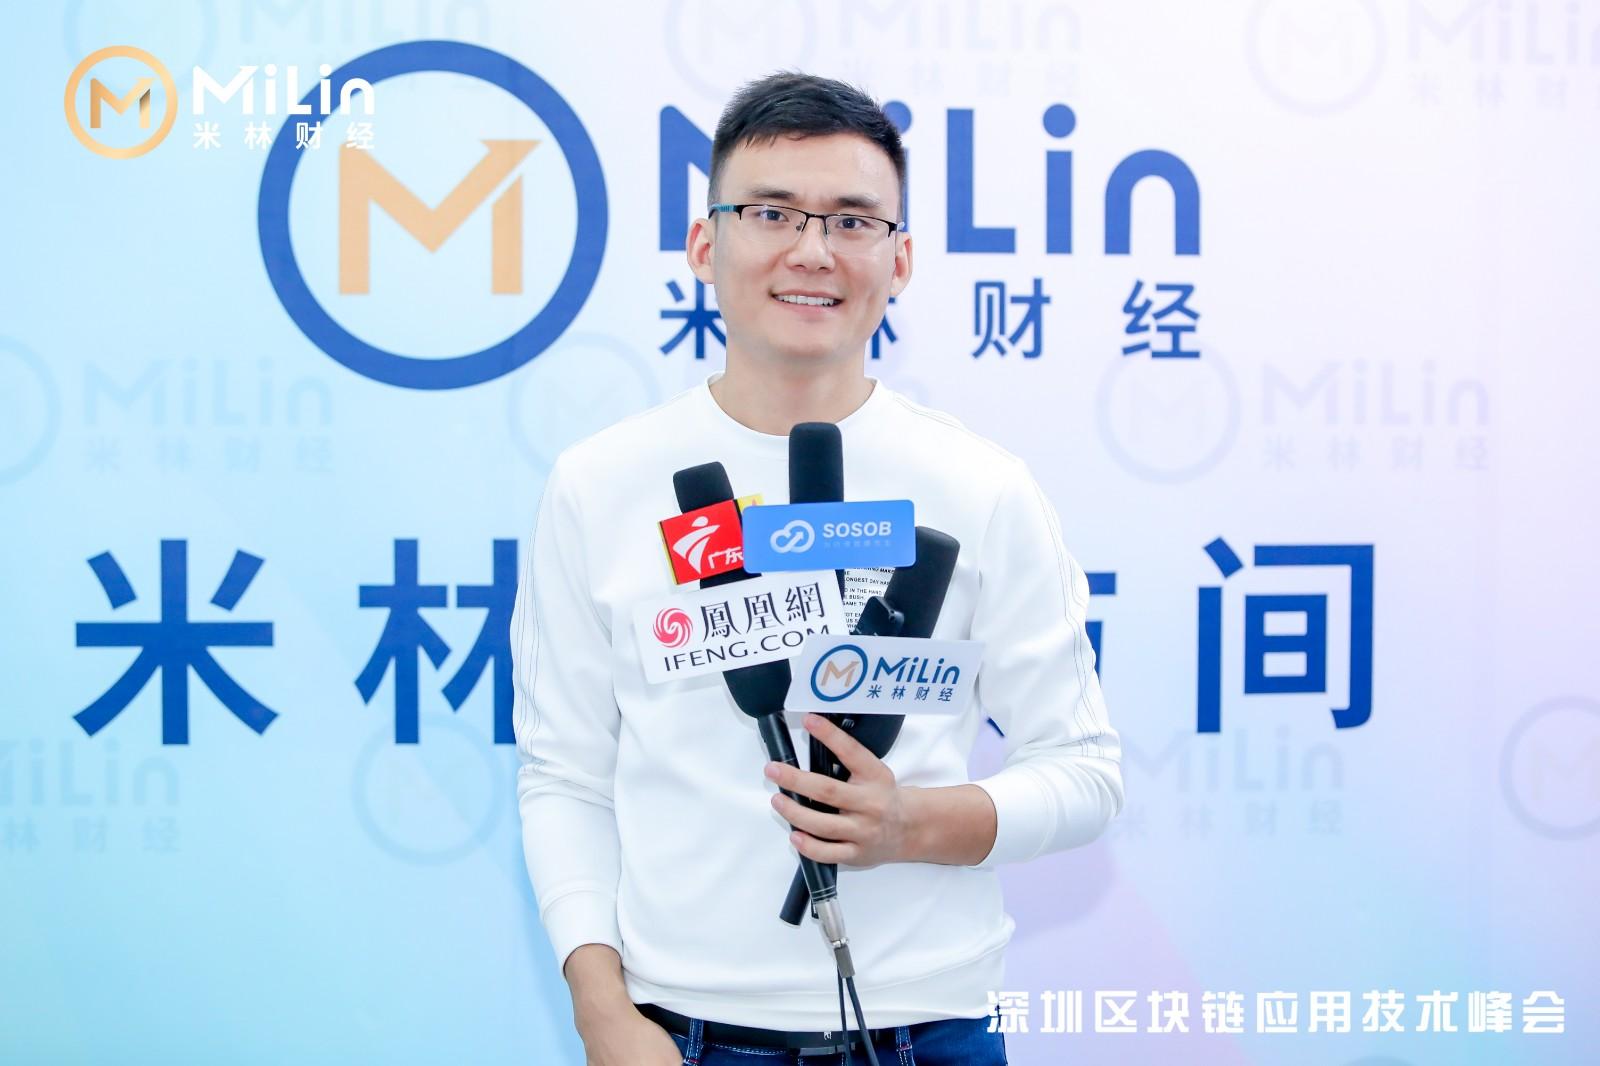 专访太壹科技联合创始人孟春东:通过技术开发引领市场